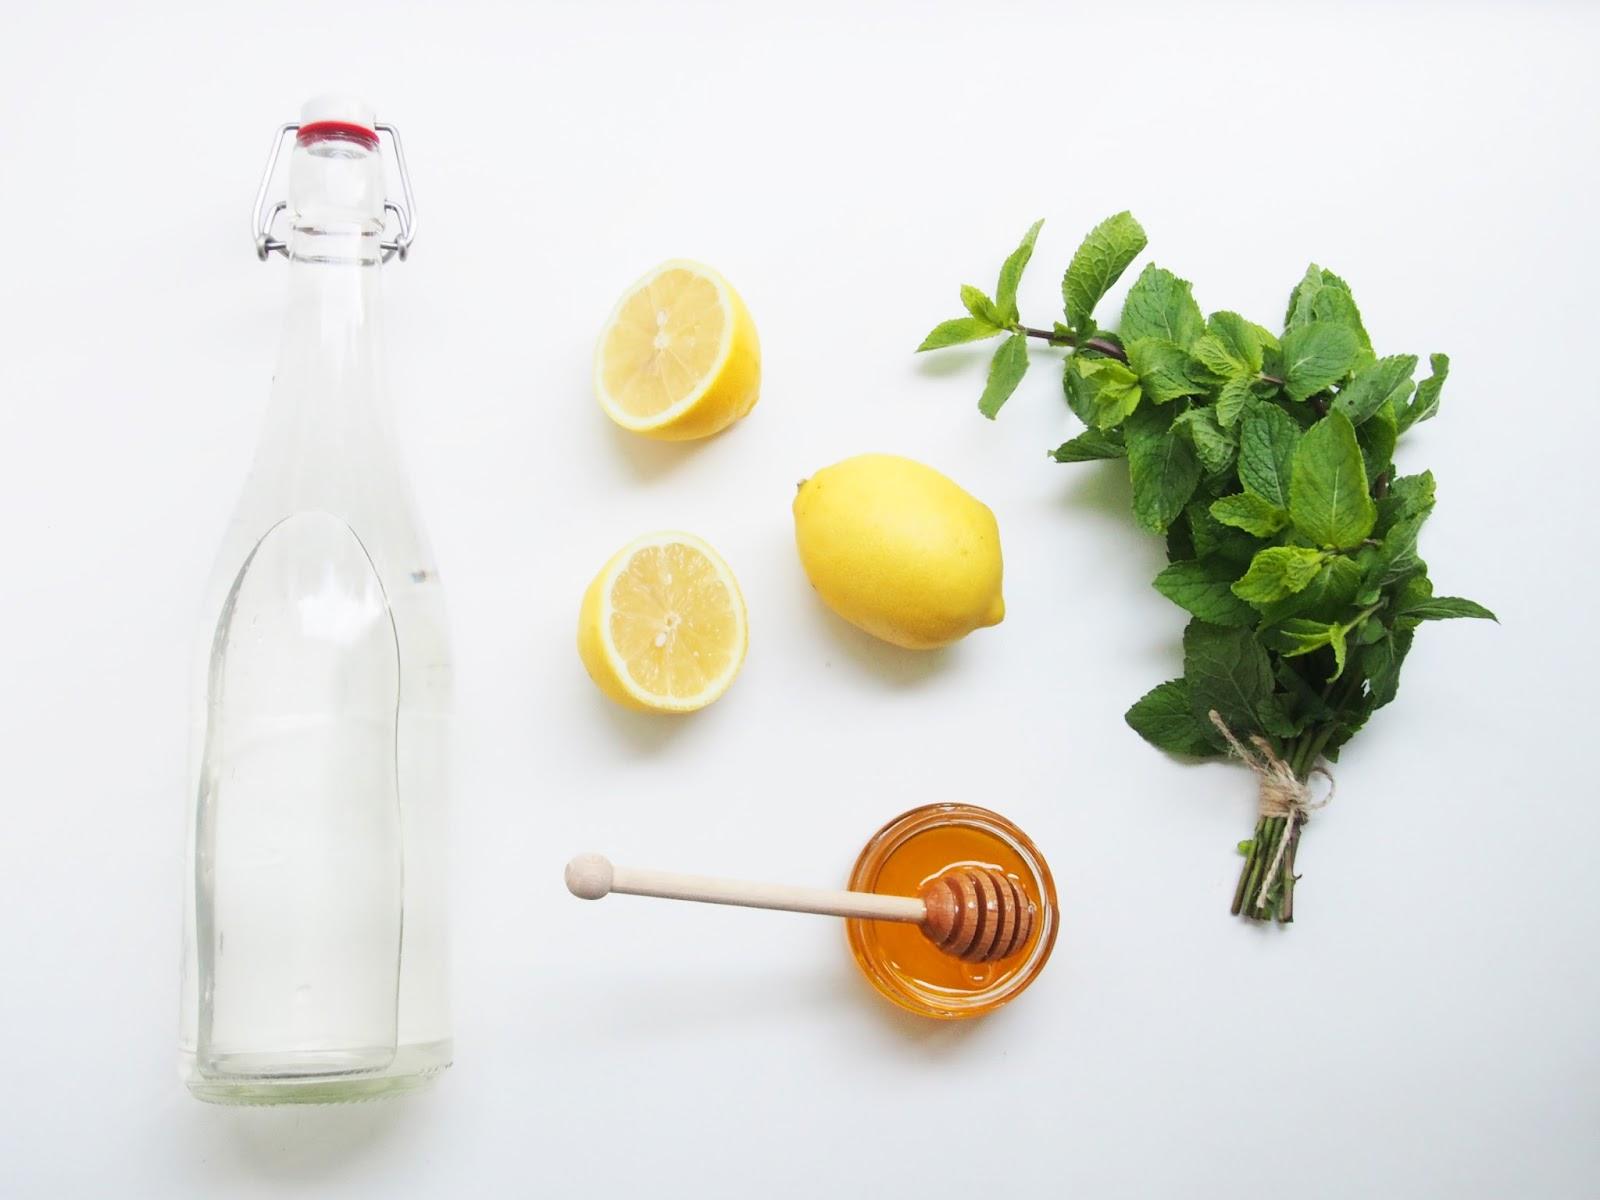 Как сделать сок из мяты в домашних условиях